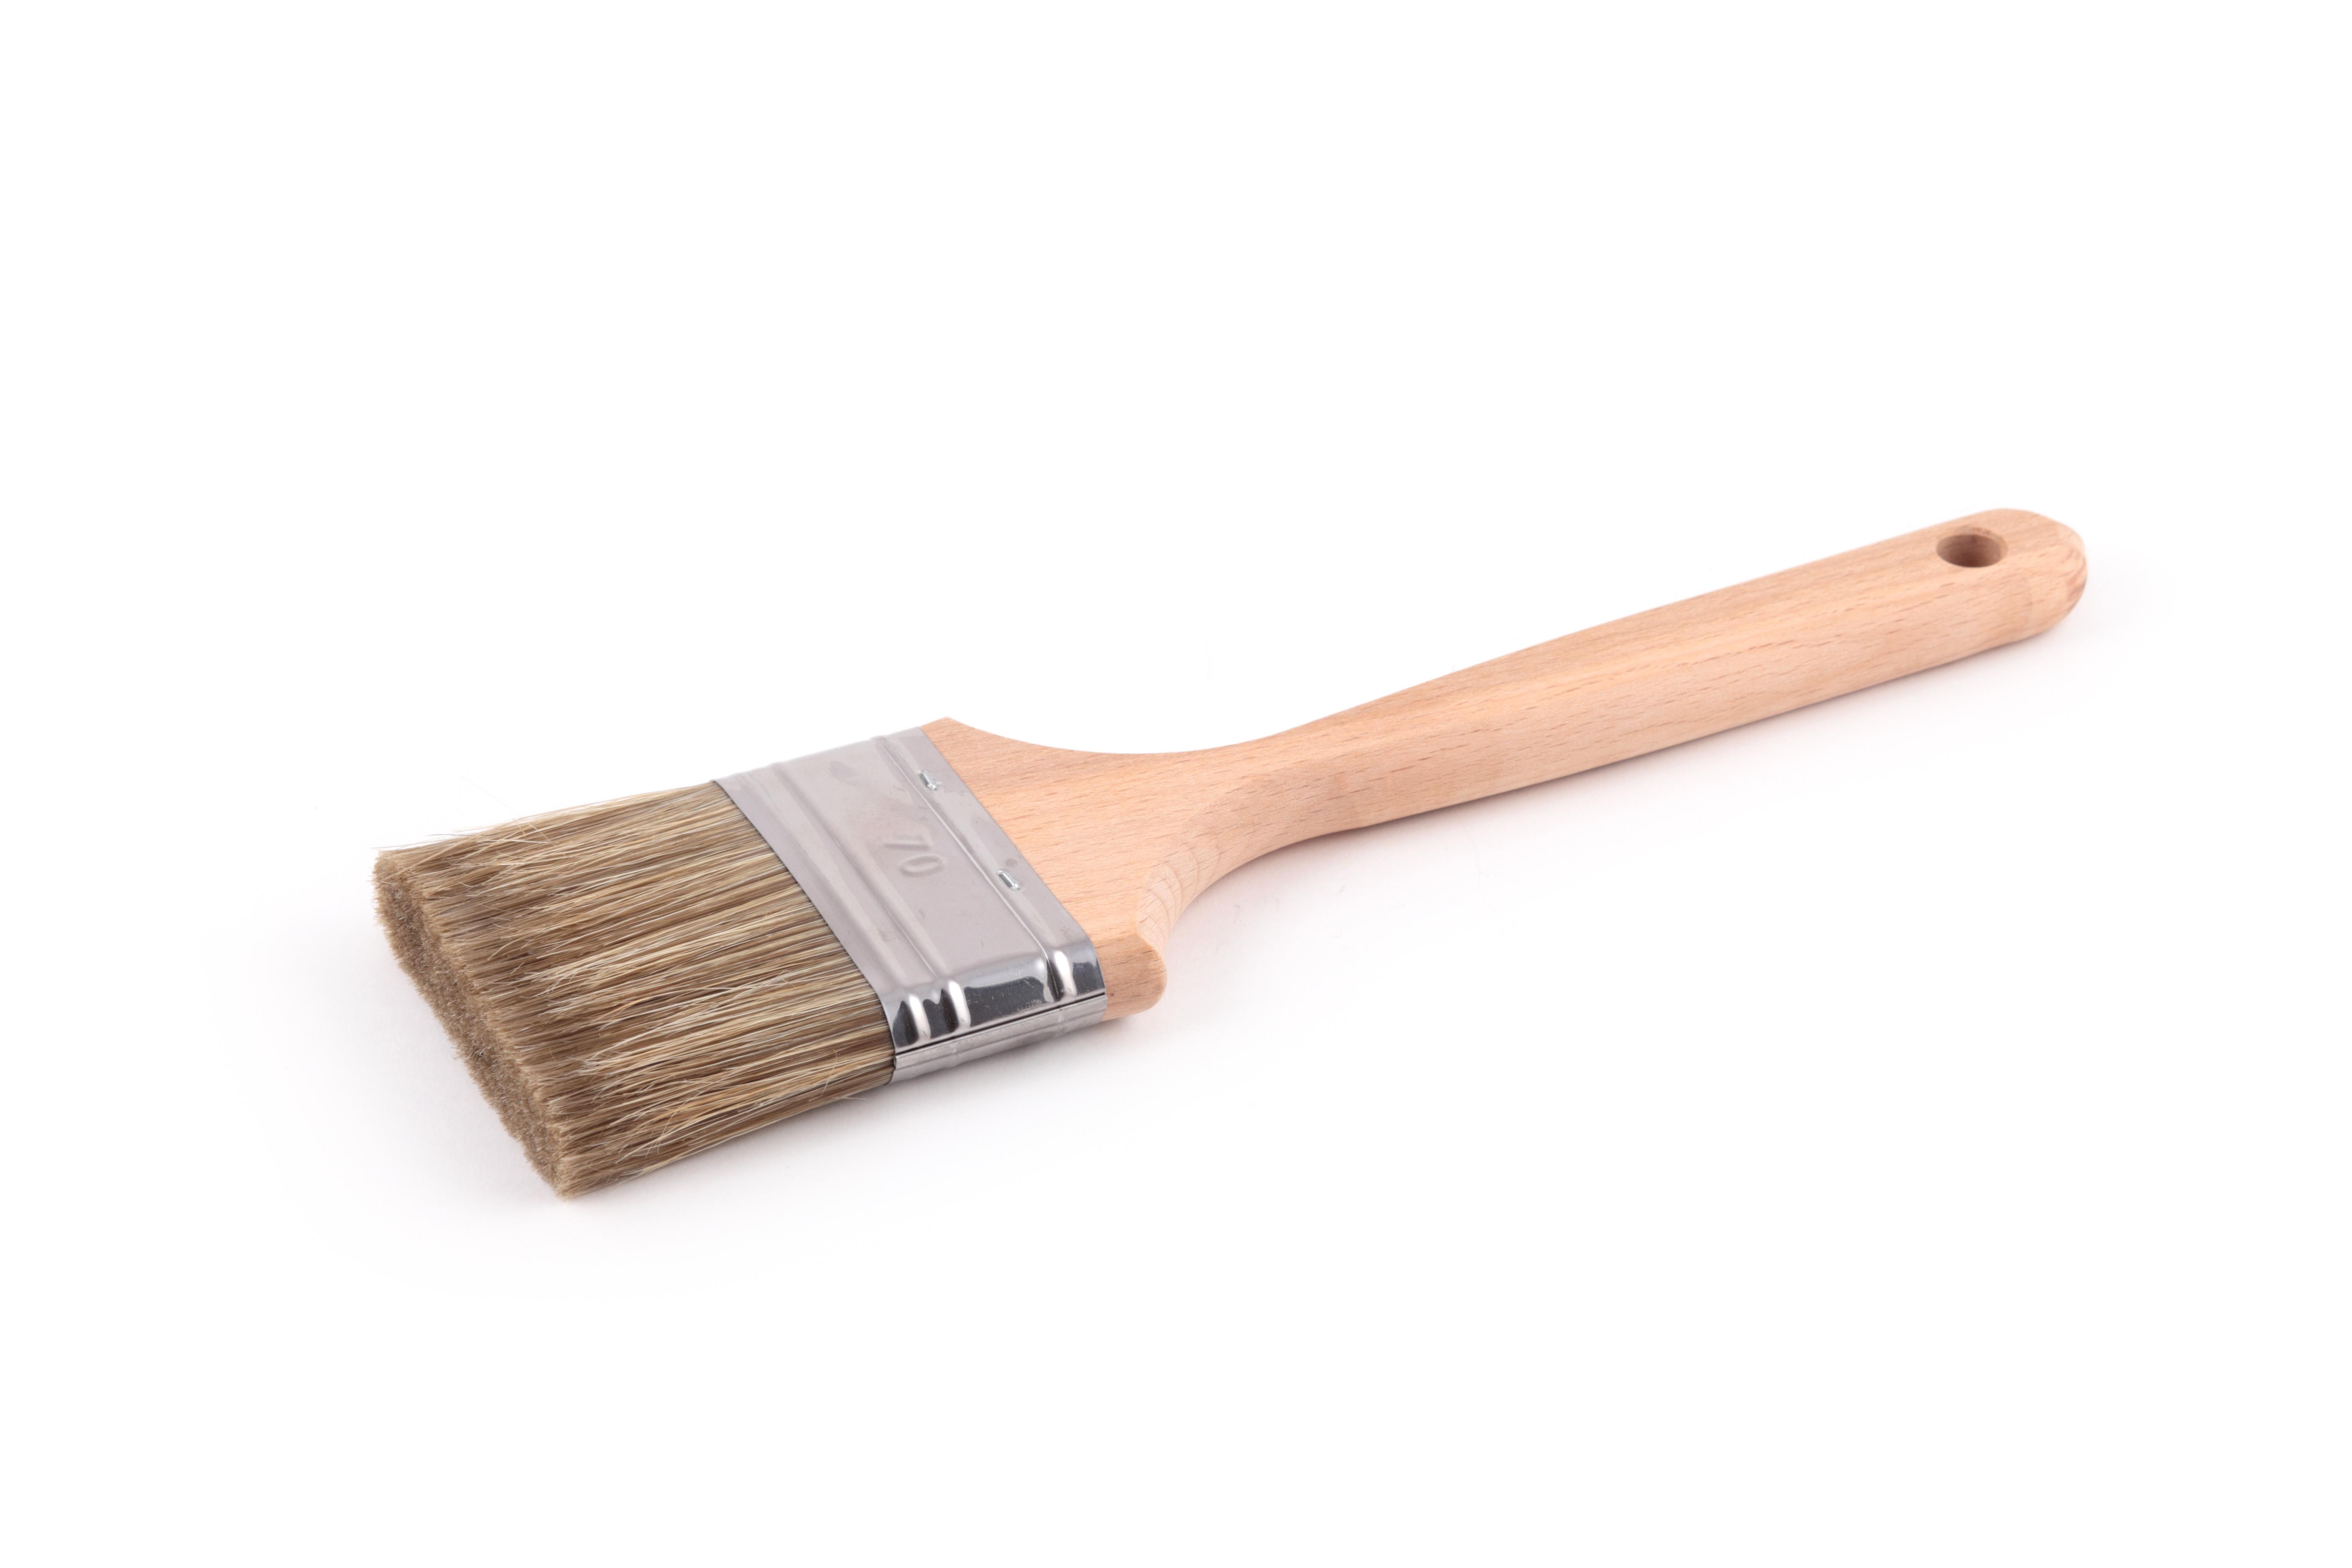 Кисть флейцевая ЛАЗУРНЫЙ БЕРЕГ КФ 70х14 дер. ручка кисть плоская лазурный берег 25 мм искусственная щетина orel деревянная ручка